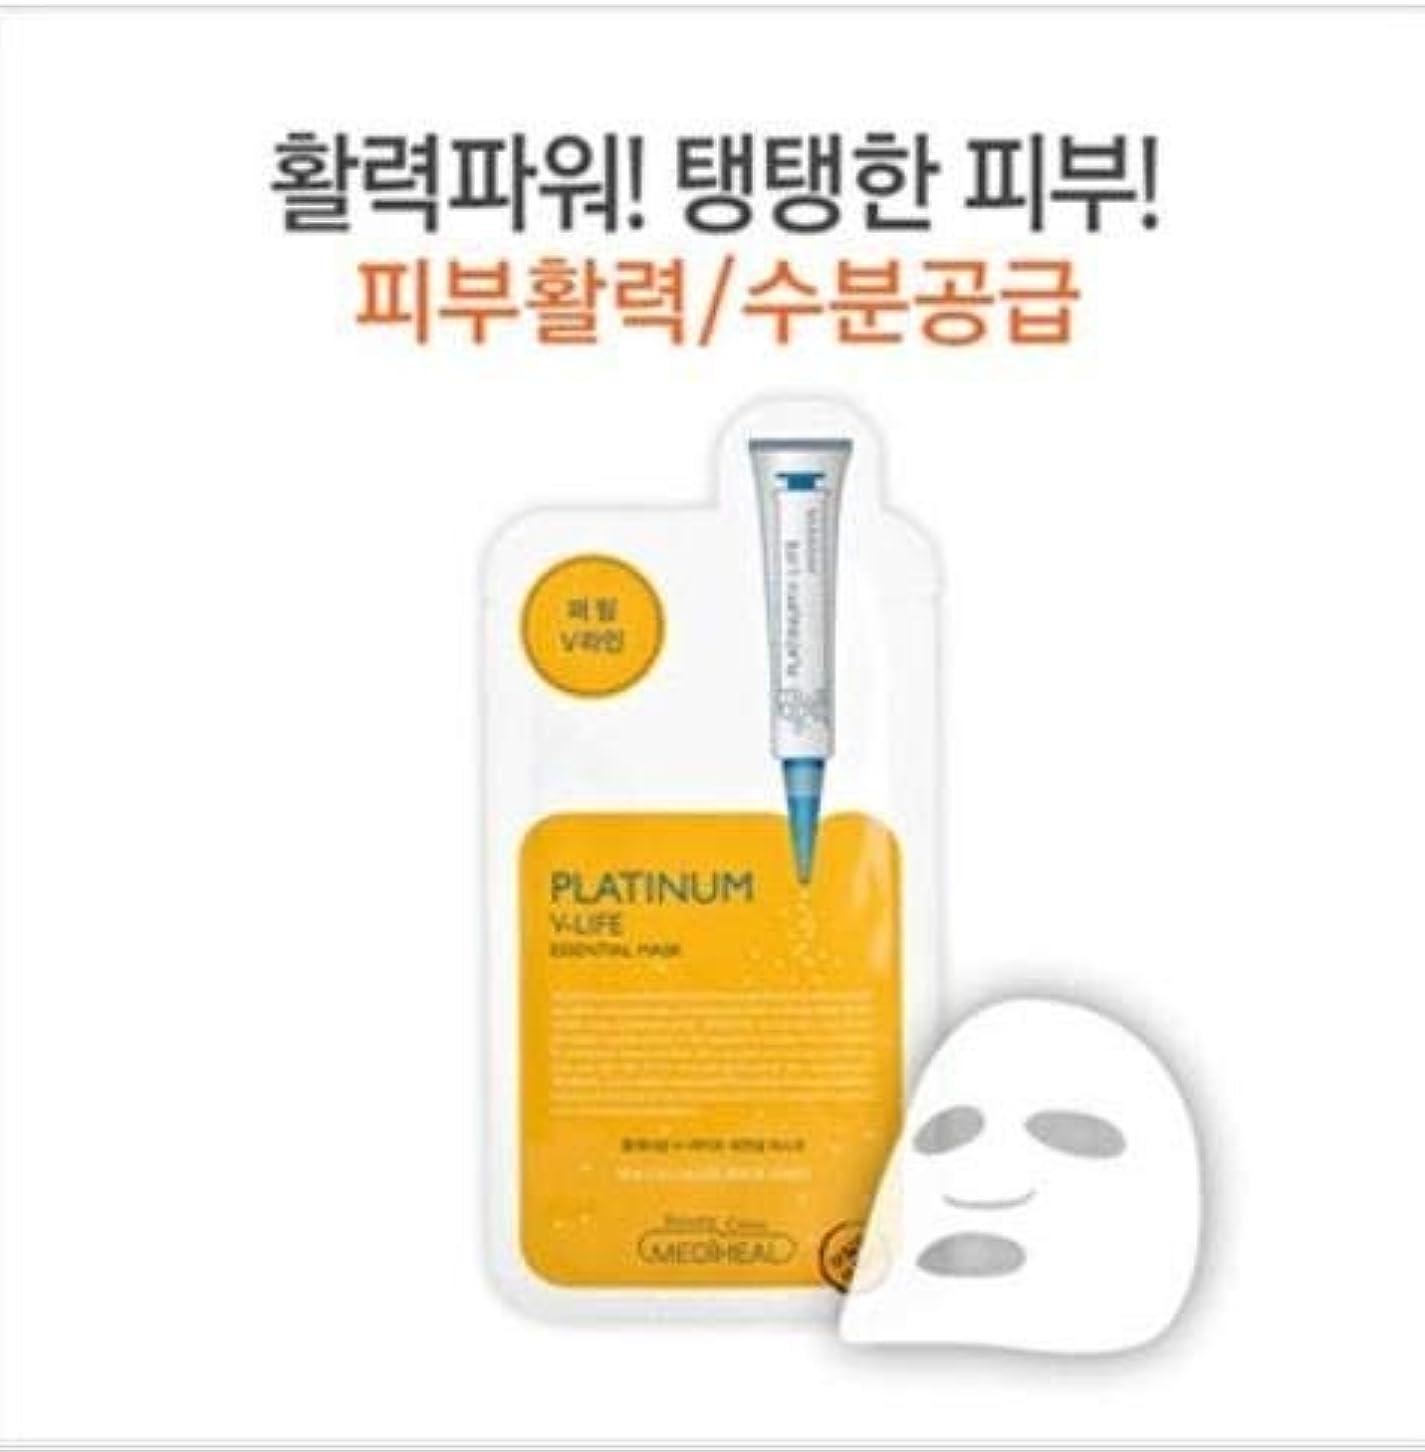 パウダー呼吸ワイヤー★大人気★[メディヒール] Mediheal [プラチナ V-ライフ エッセンシャル マスク (10枚)] (Platinum V-LIFE Essential Mask (10EA) [並行輸入品]